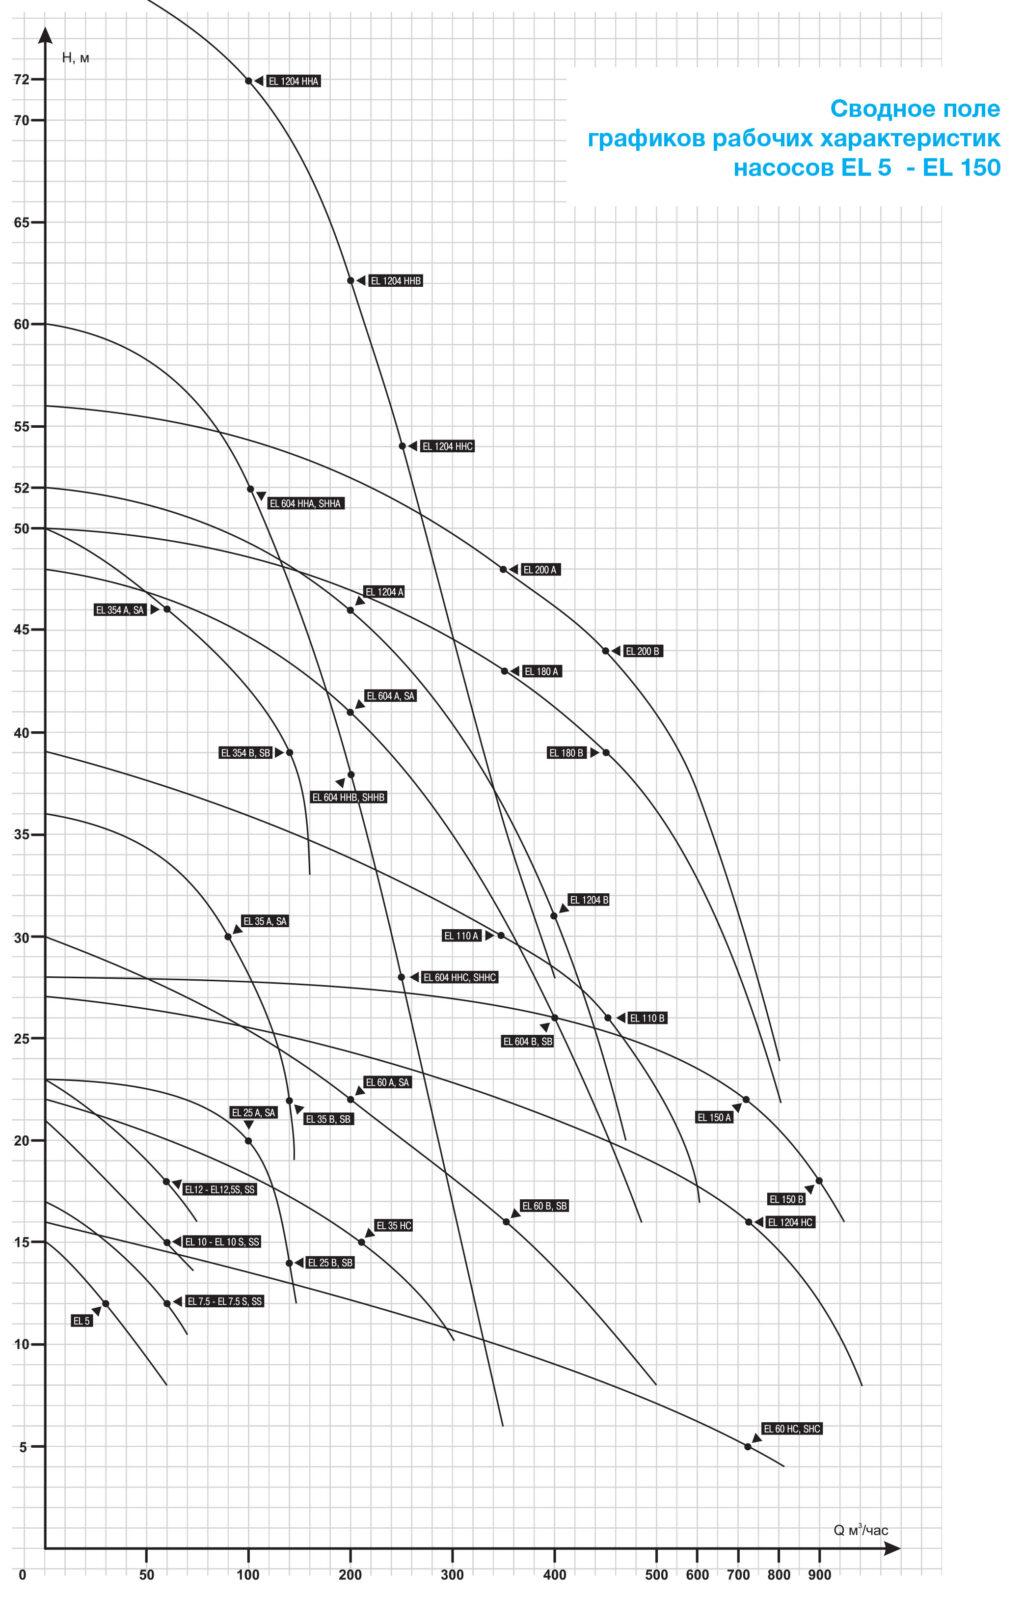 Сводное поле графиков рабочих характеристик шламовых насосов EL 5  - EL 150